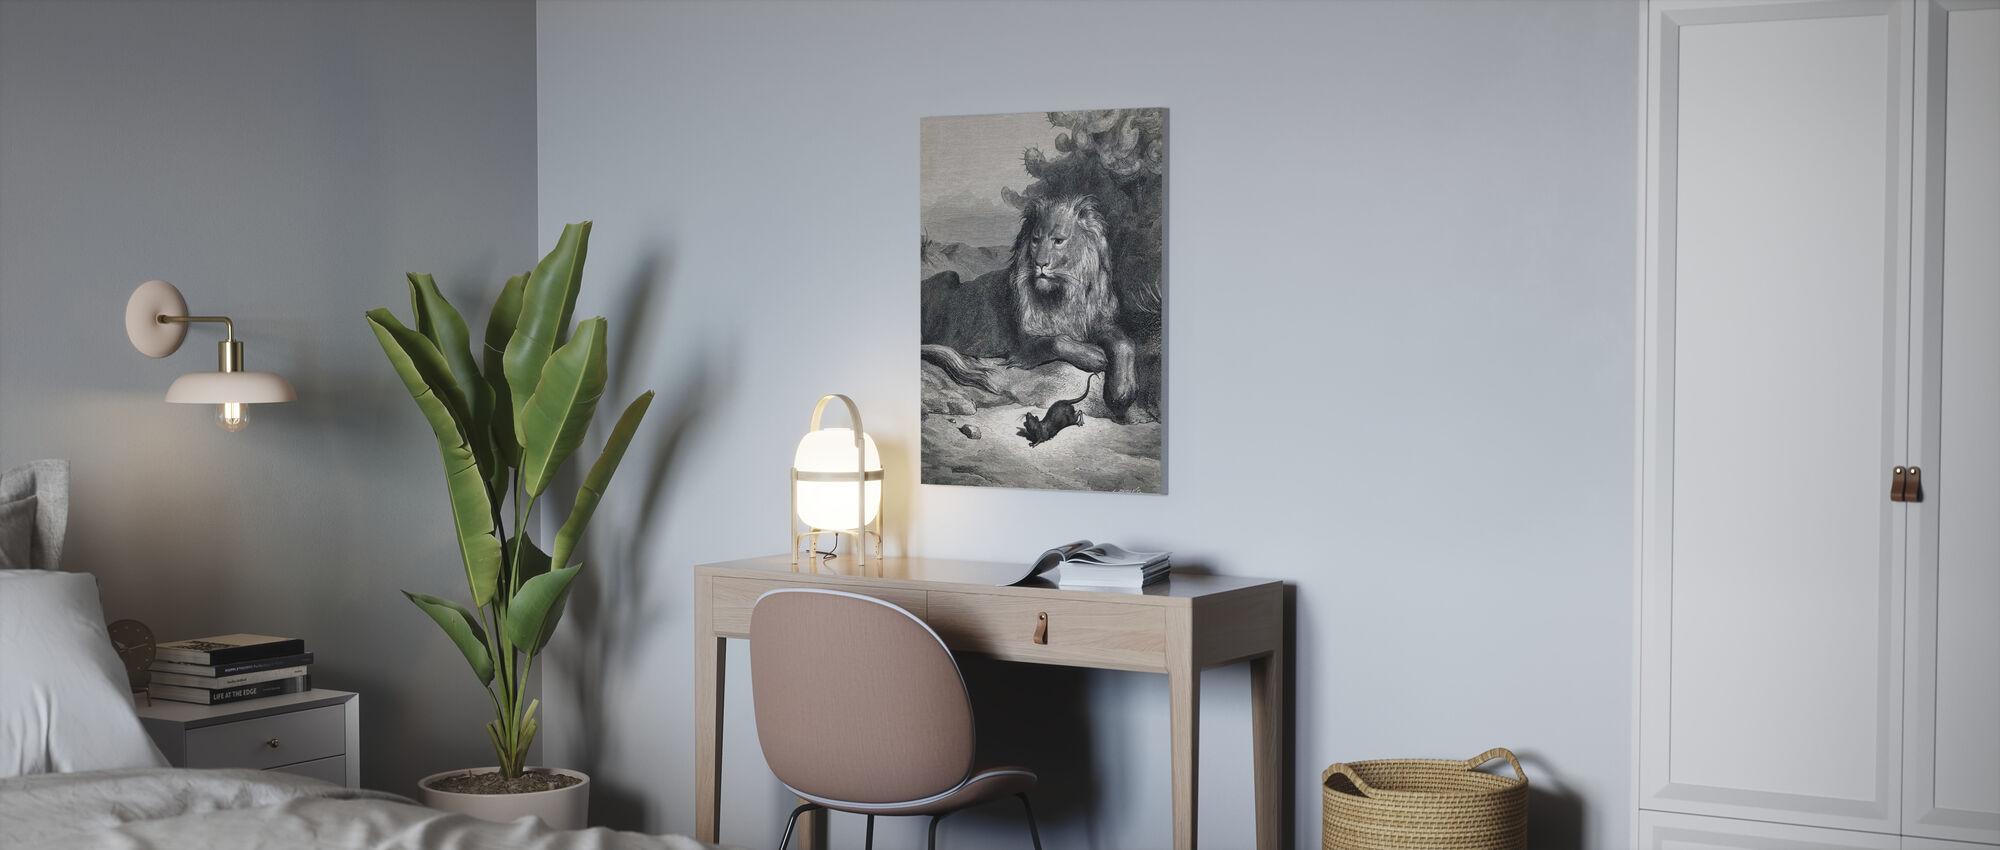 Le lion et la souris - Gustave Dore - Impression sur toile - Bureau